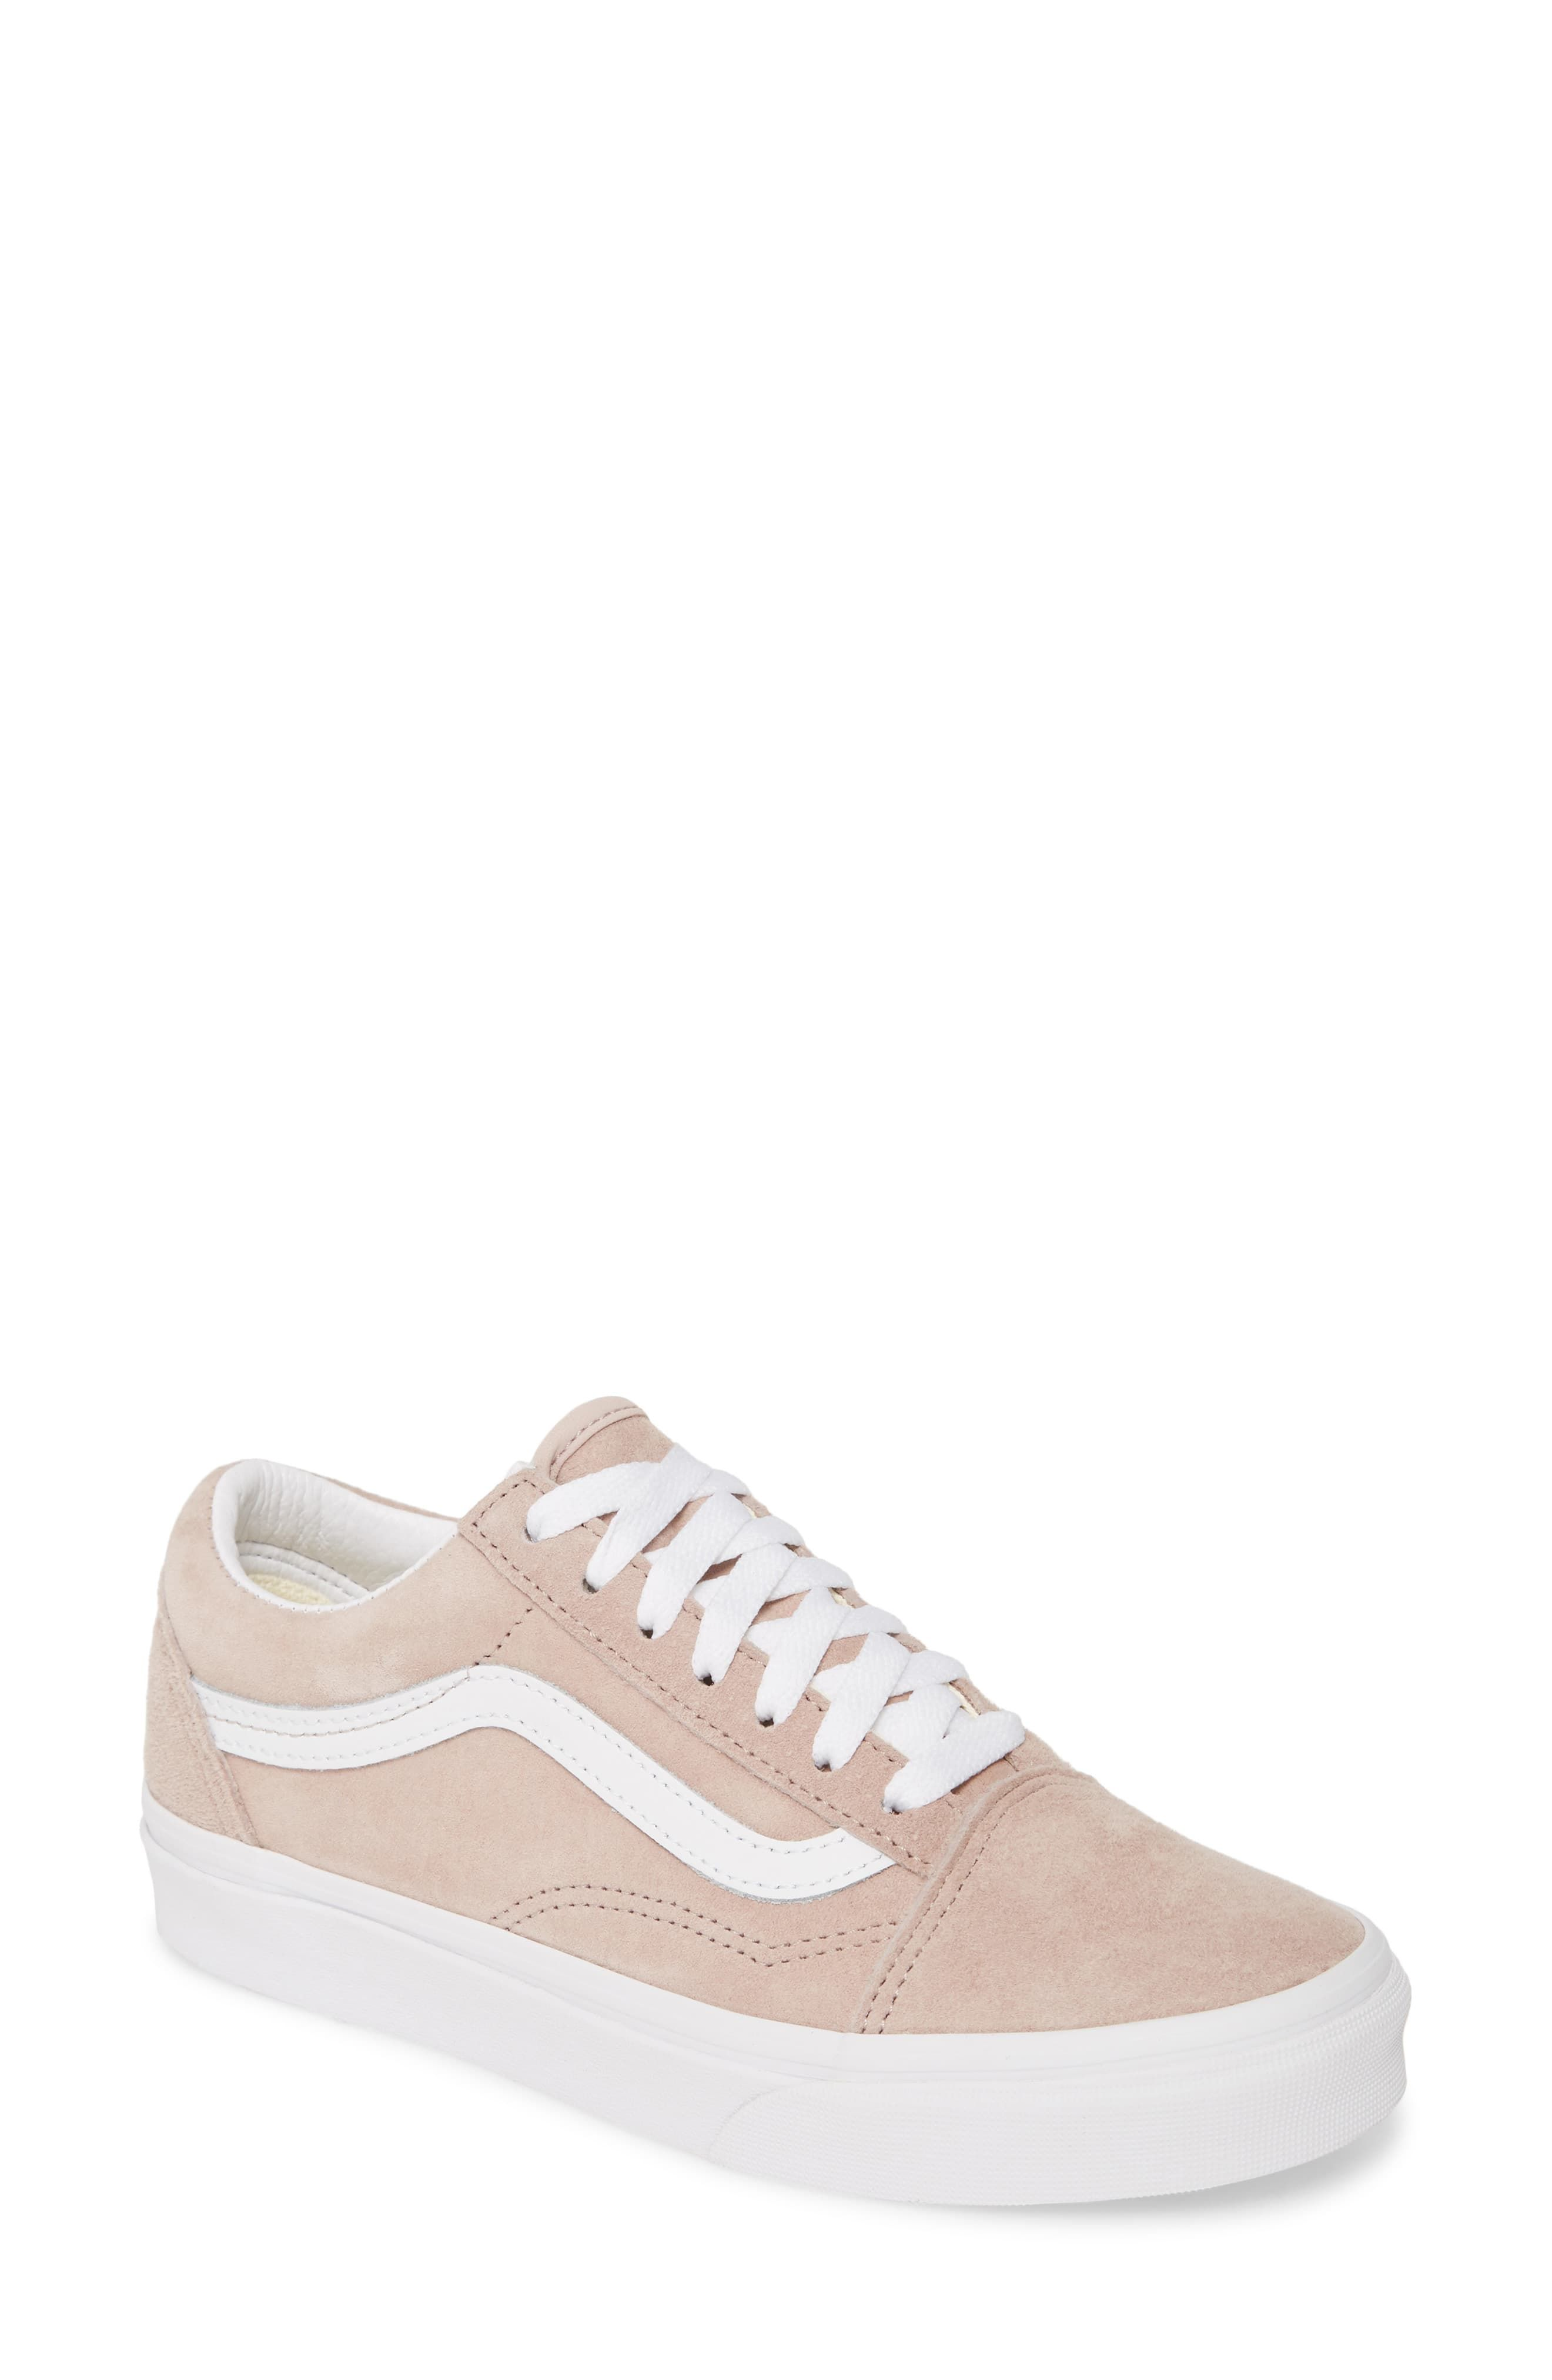 Vans Old Skool Brown Pig Suede Skate Shoes | Mens vans shoes